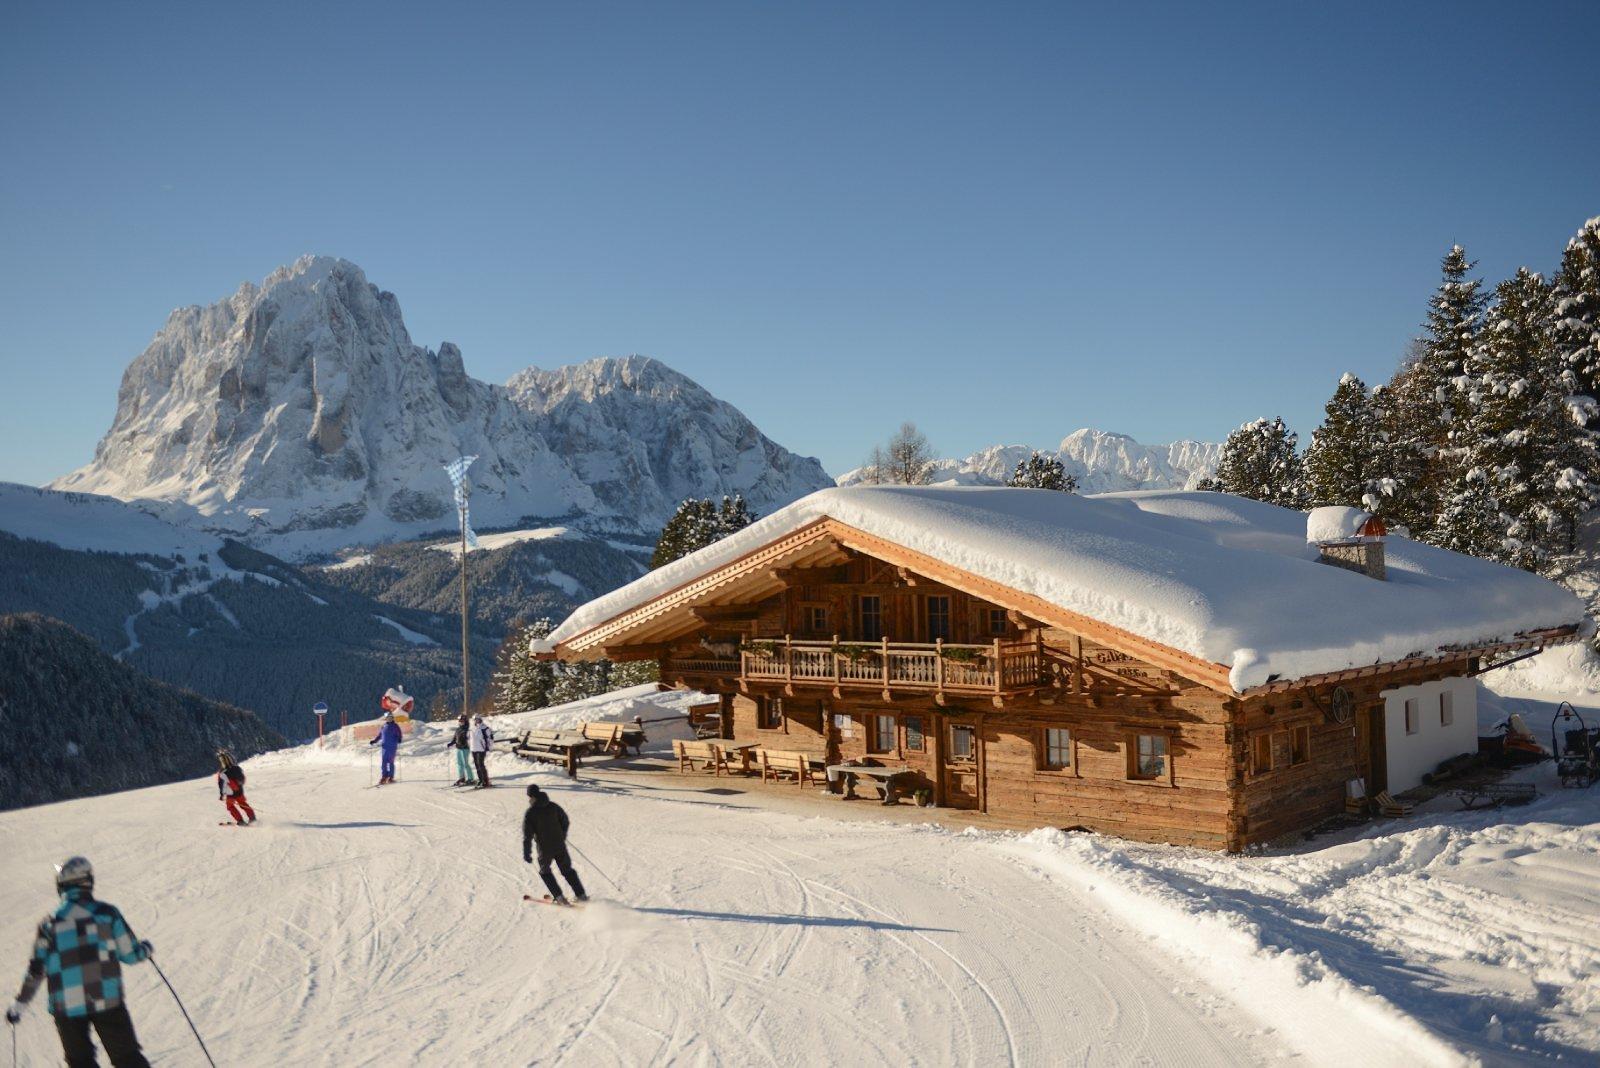 Gamsblut cucina locale terrazza inverno ed estate for Le piu belle baite in montagna